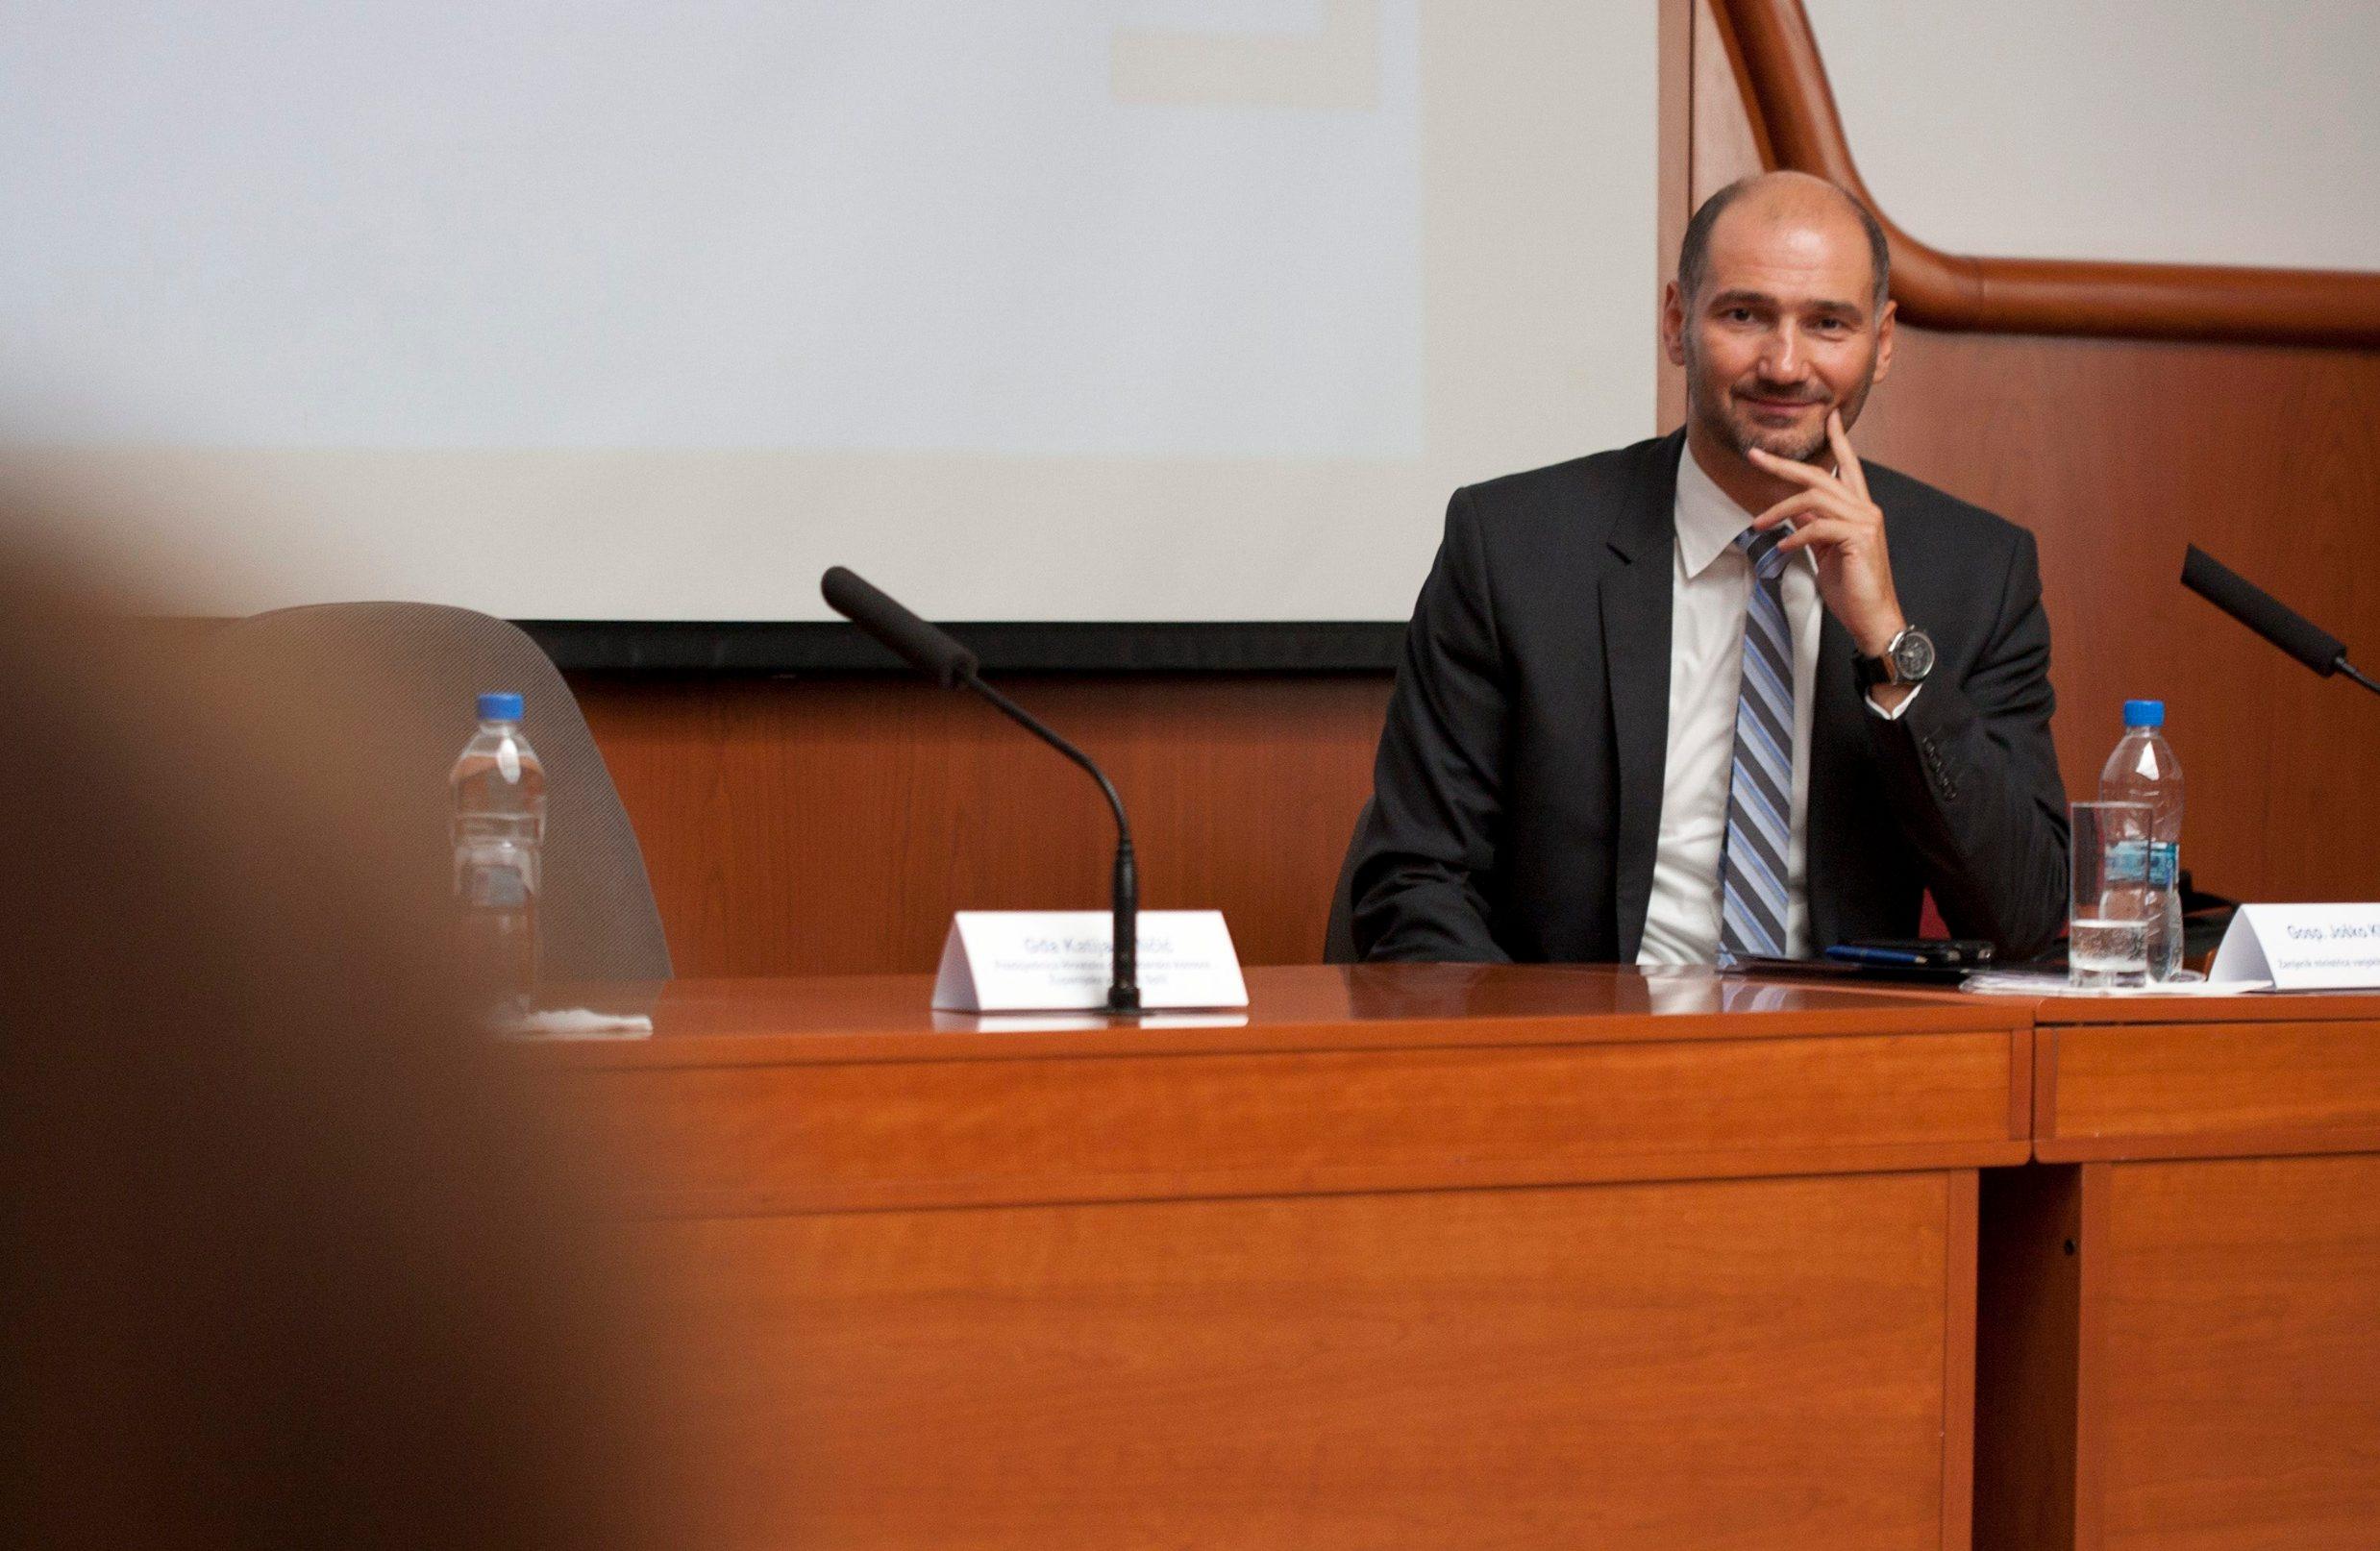 Split, 050914 Zamjenik ministrice vanjskih poslova Josko Klisovic razgovarao je sa splitskim gospodarstvenicima u Zupanijskoj gospodarskoj komori. Na fotografiji: Josko Klisovic. Foto: Jakov Prkic / CROPIX